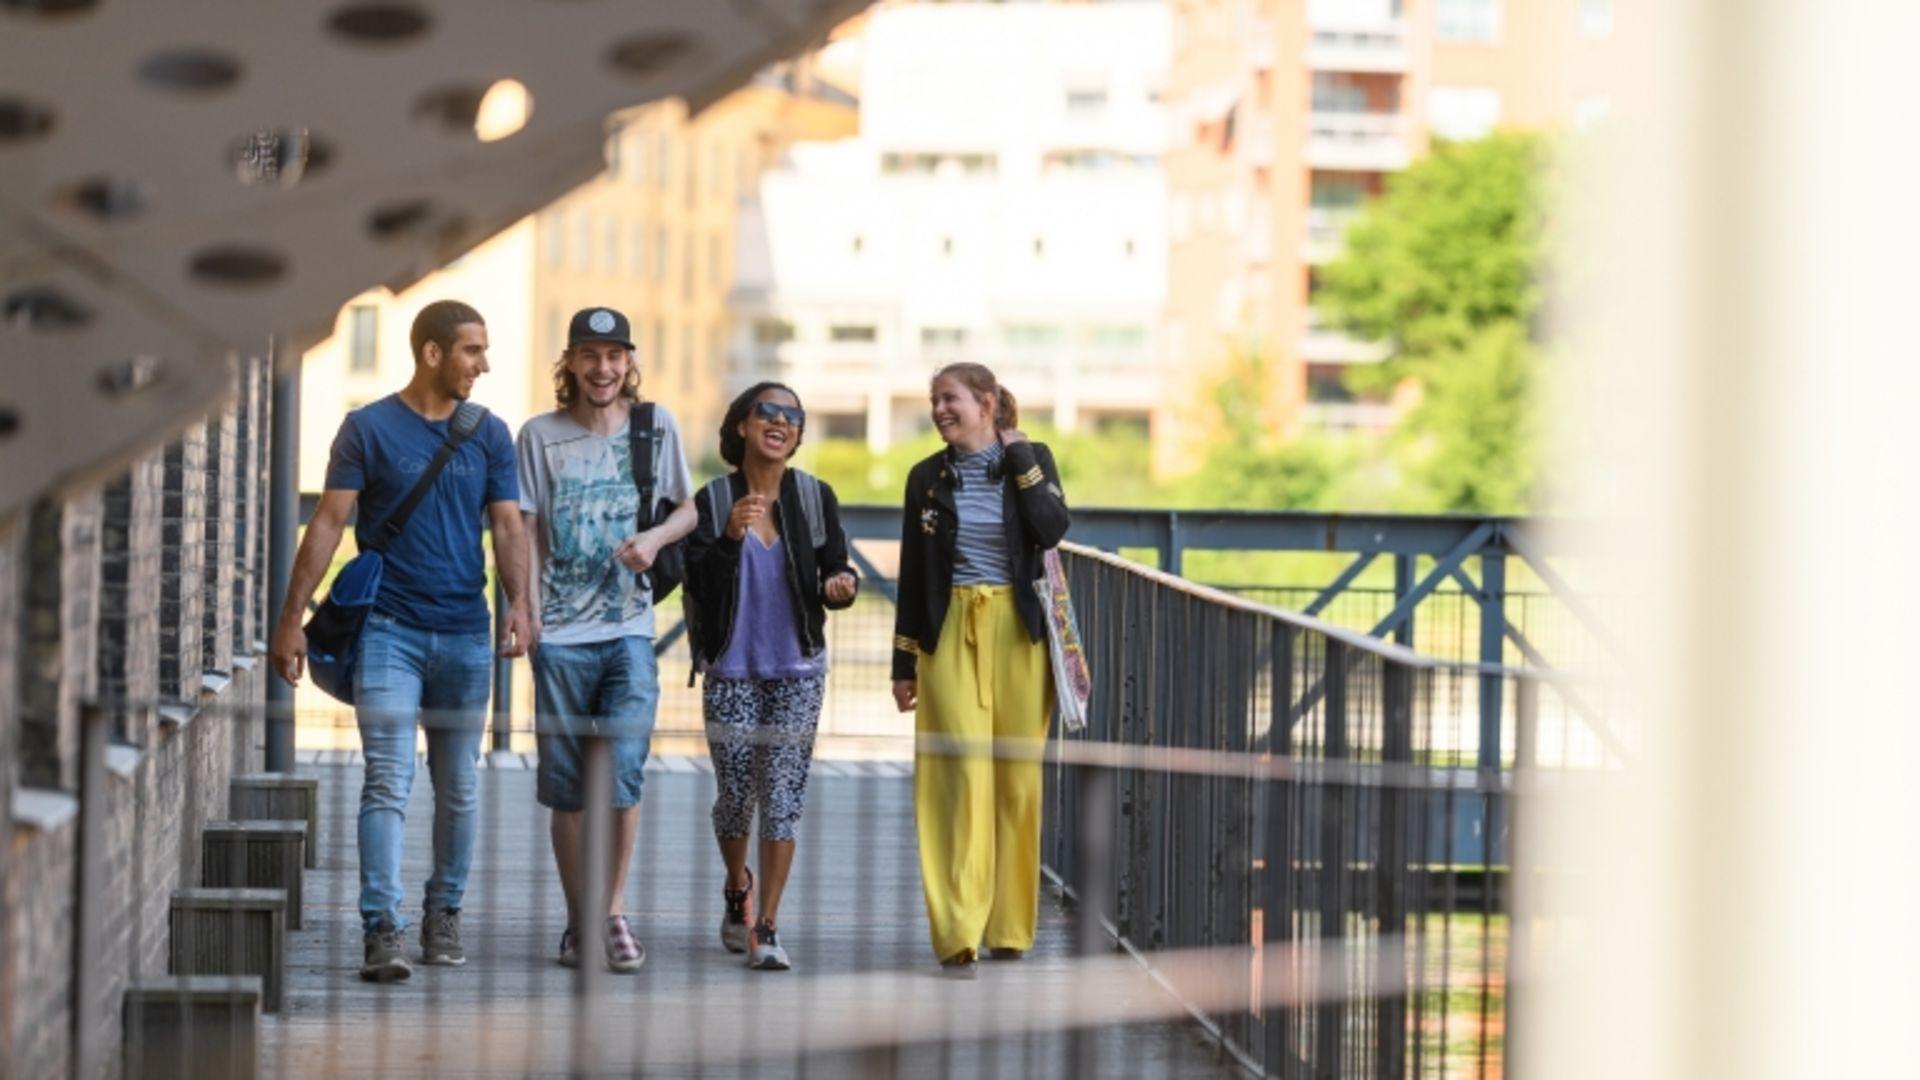 Realgymnasiet i Nyköping startar hälsosatsning